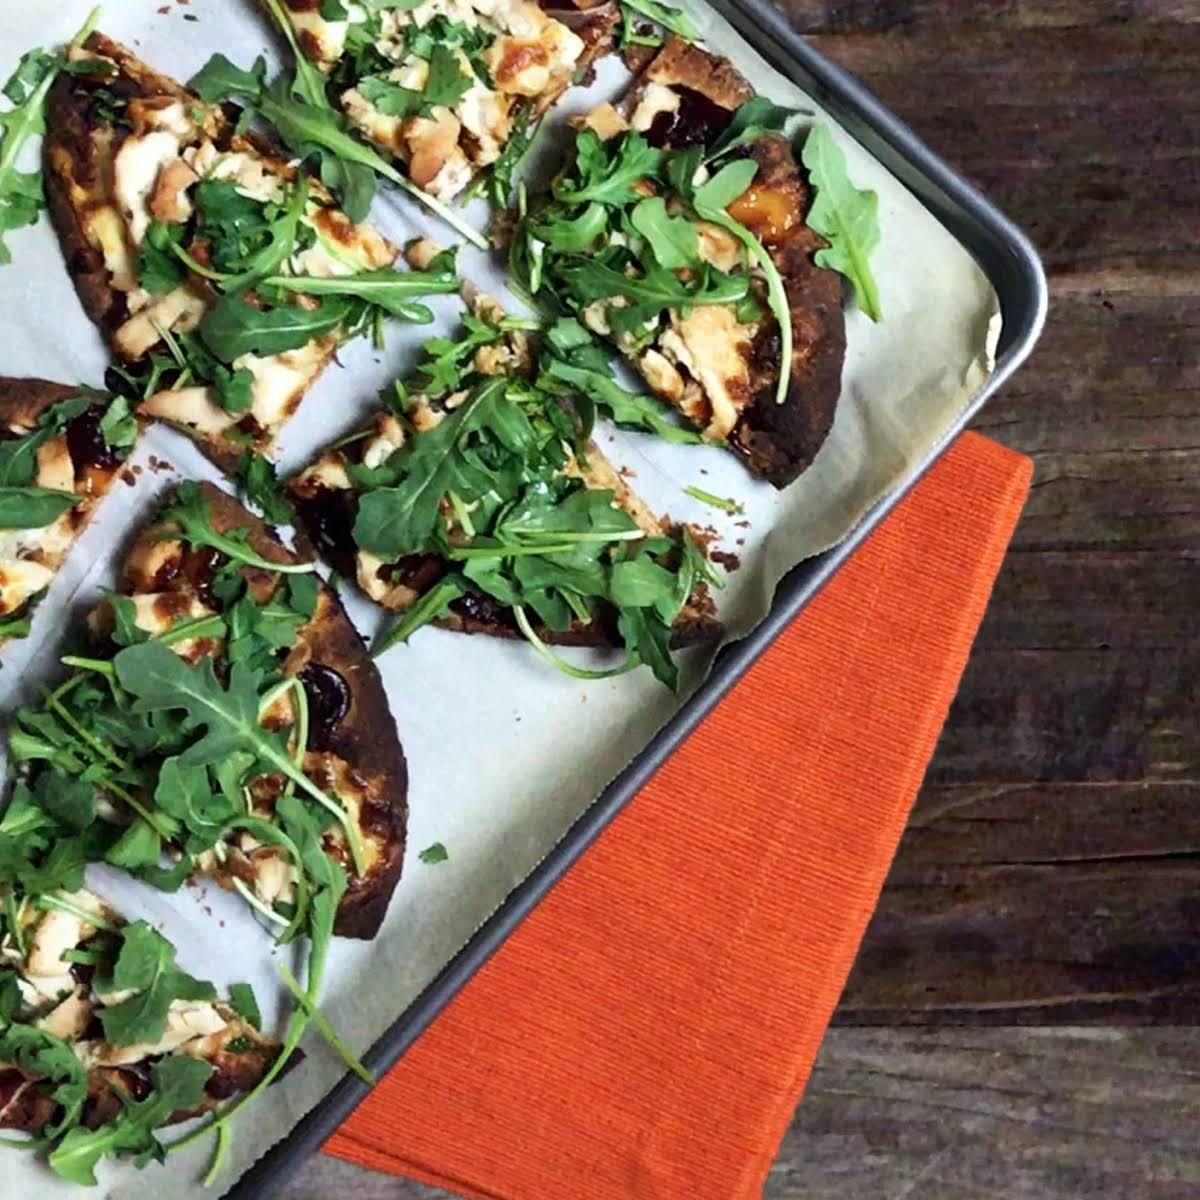 BBQ Chicken Naan Bread Pizza